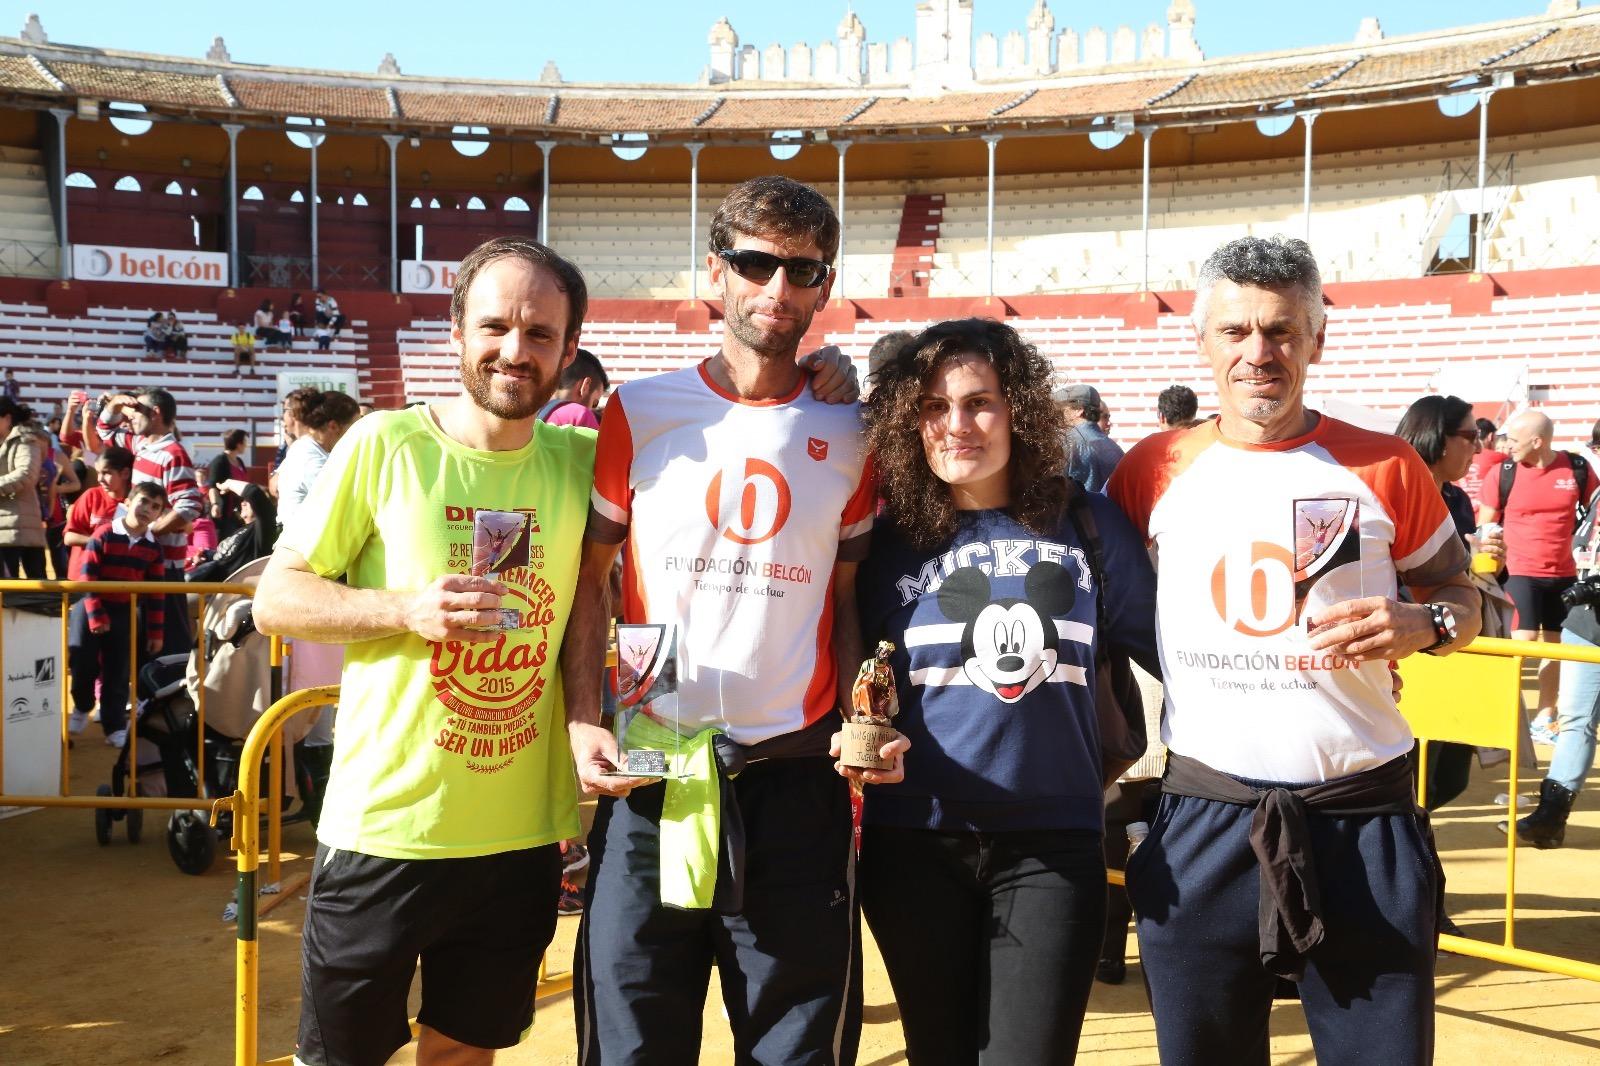 Carrera Atletismo Participa La Equipo El Fundación Belcón En De nw0PkX8O